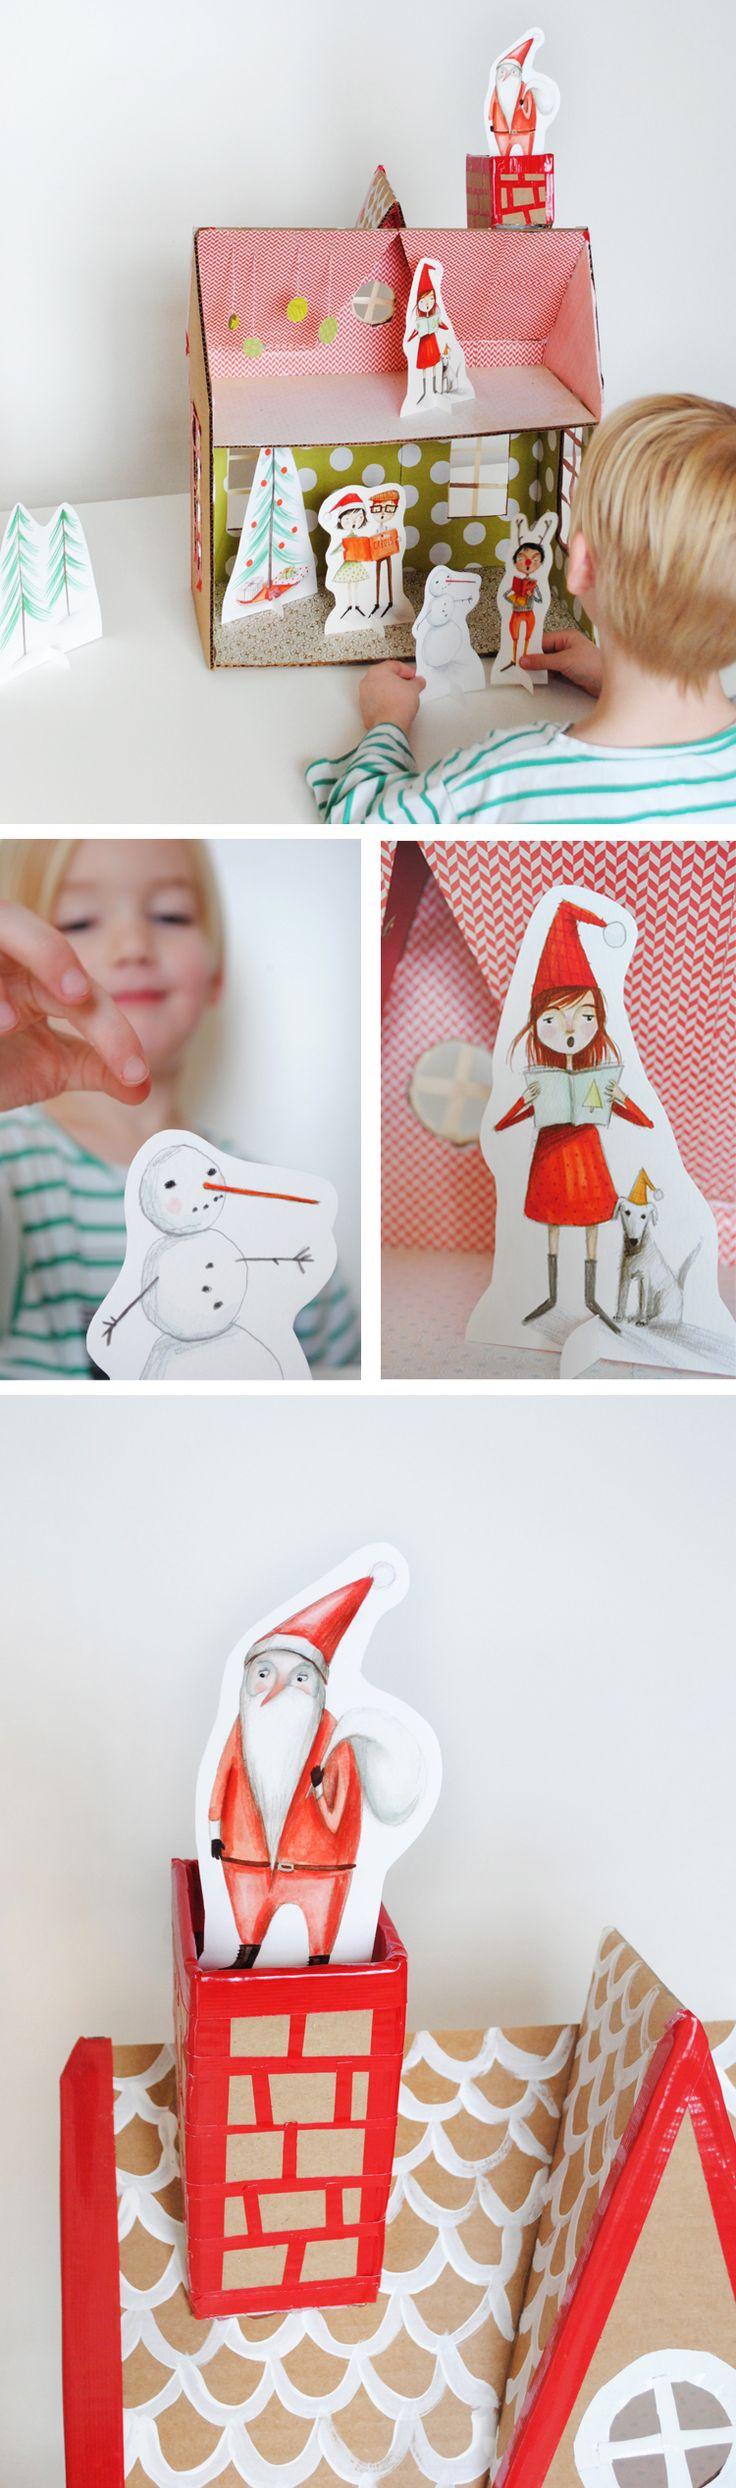 Leuk idee voor Sinterklaas